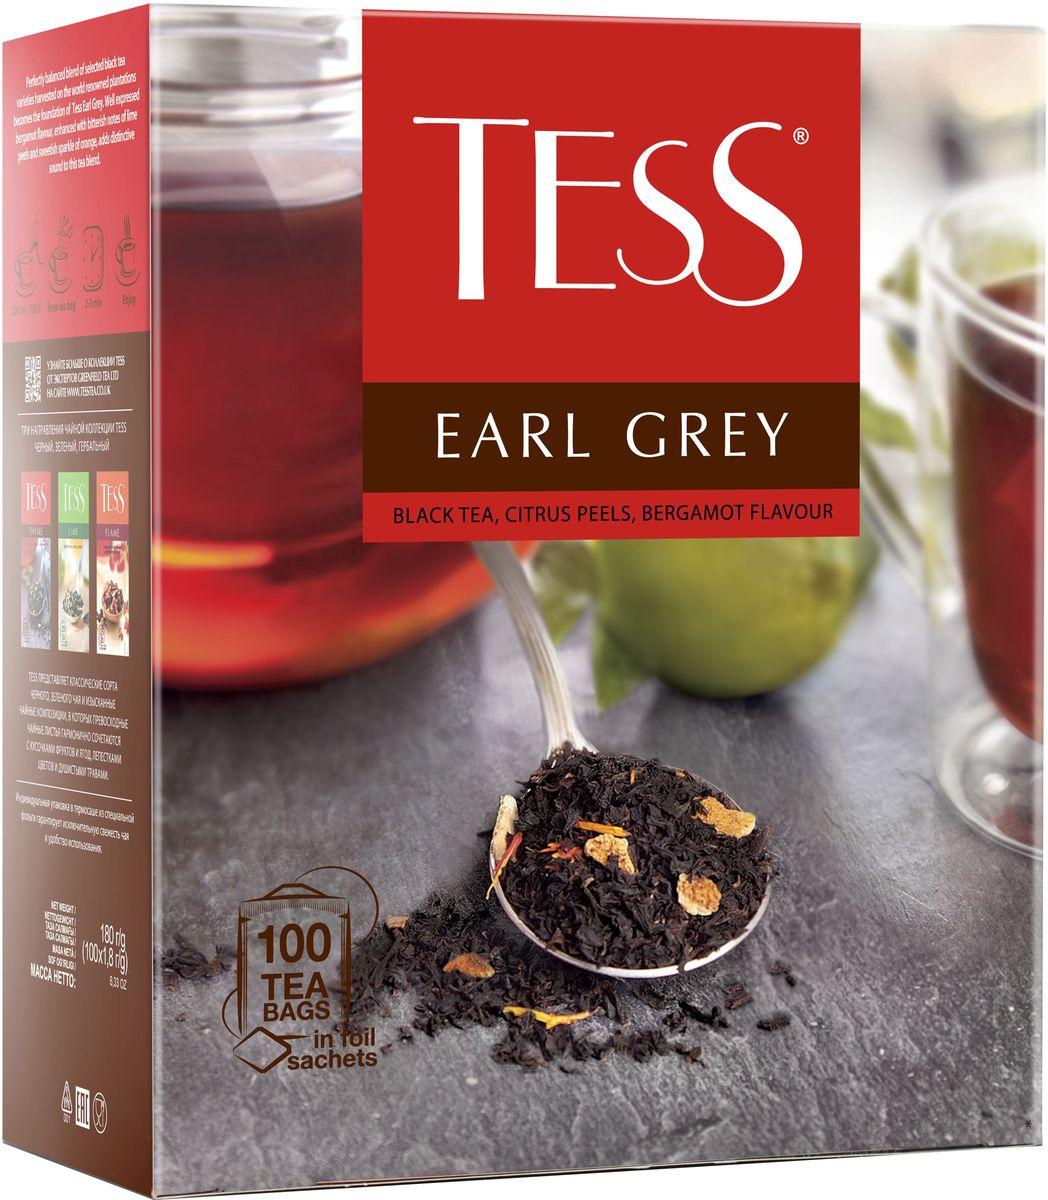 Tess Earl Grey черный чай с цедрой лимона в пакетиках, 100 шт1251-09Тесс Эрл Грей - этот чайный напиток соединяет в себе аромат бергамота и цедру цитрусовых. Вкус этого чая нередко сравнивают с легким морским бризом. И действительно он свежий и воздушный. А нотки цитруса создают прекрасное послевкусие.